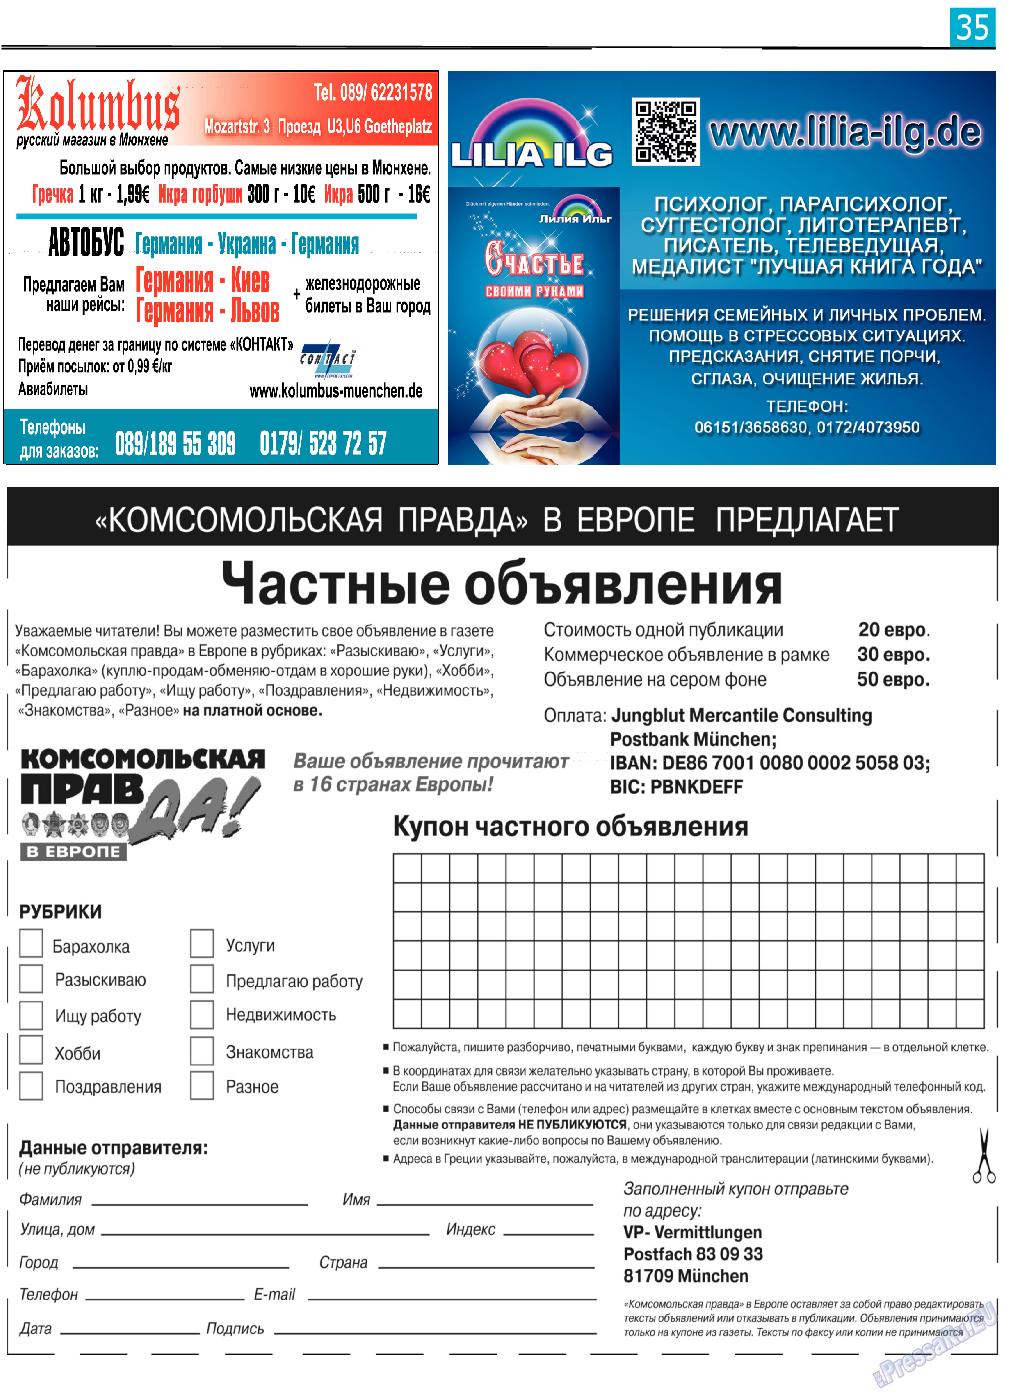 КП в Европе (газета). 2019 год, номер 2, стр. 35